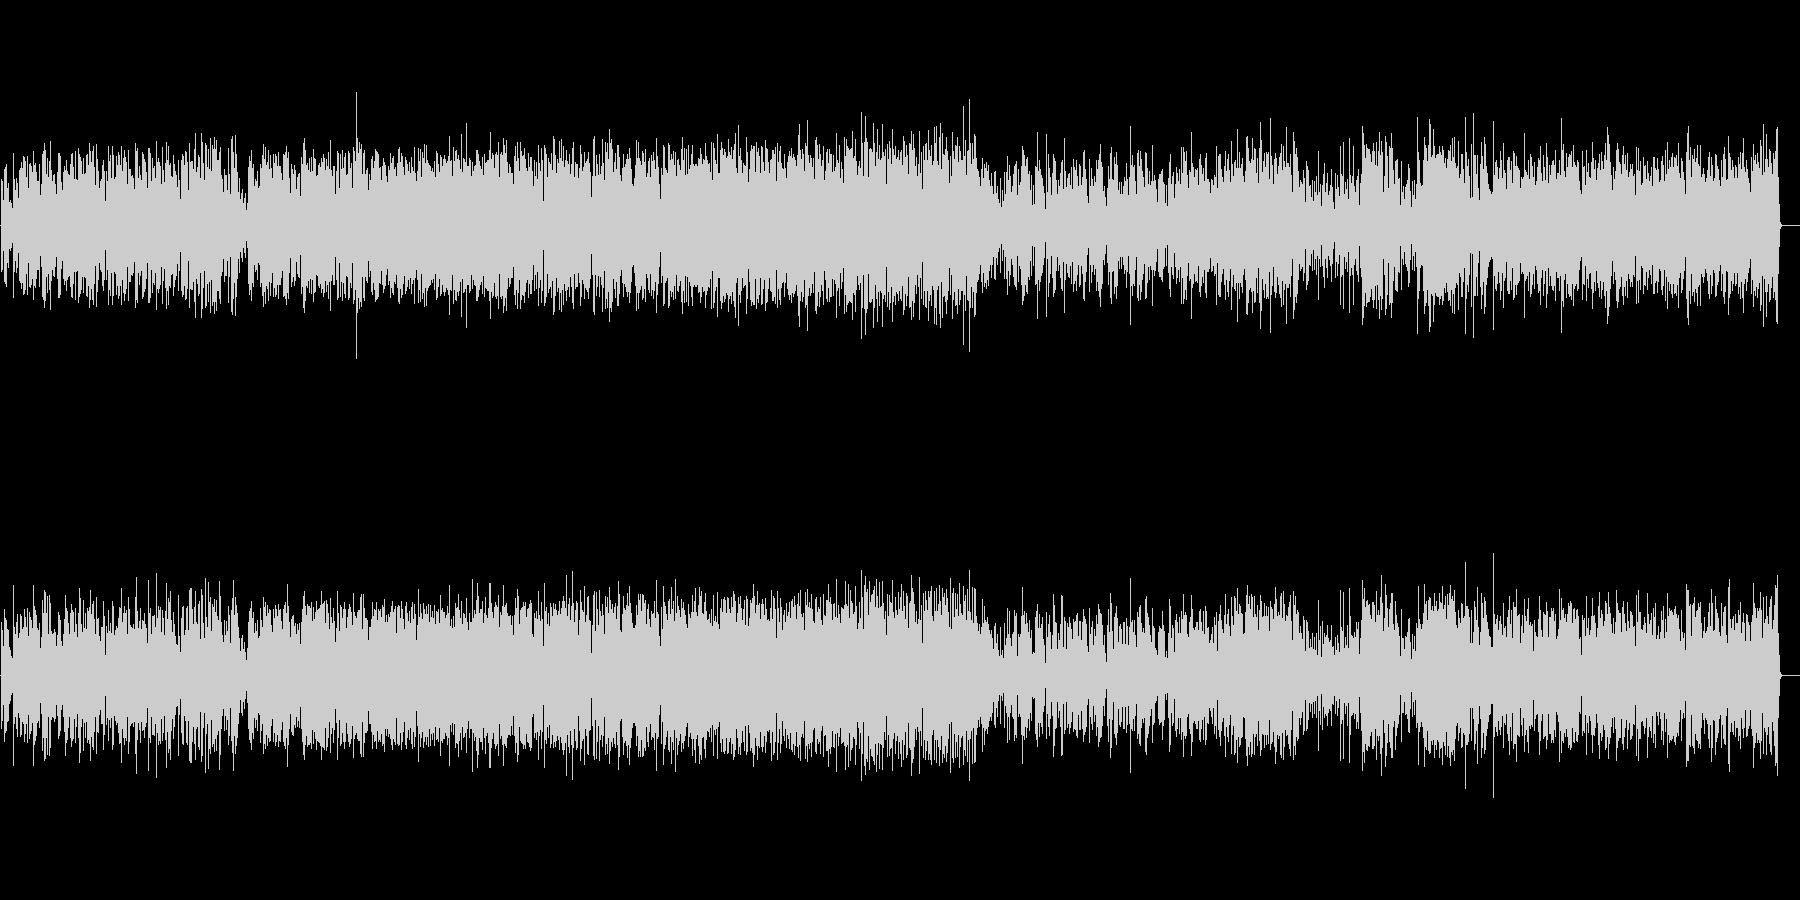 軽快なジャズピアノトリオ2の未再生の波形